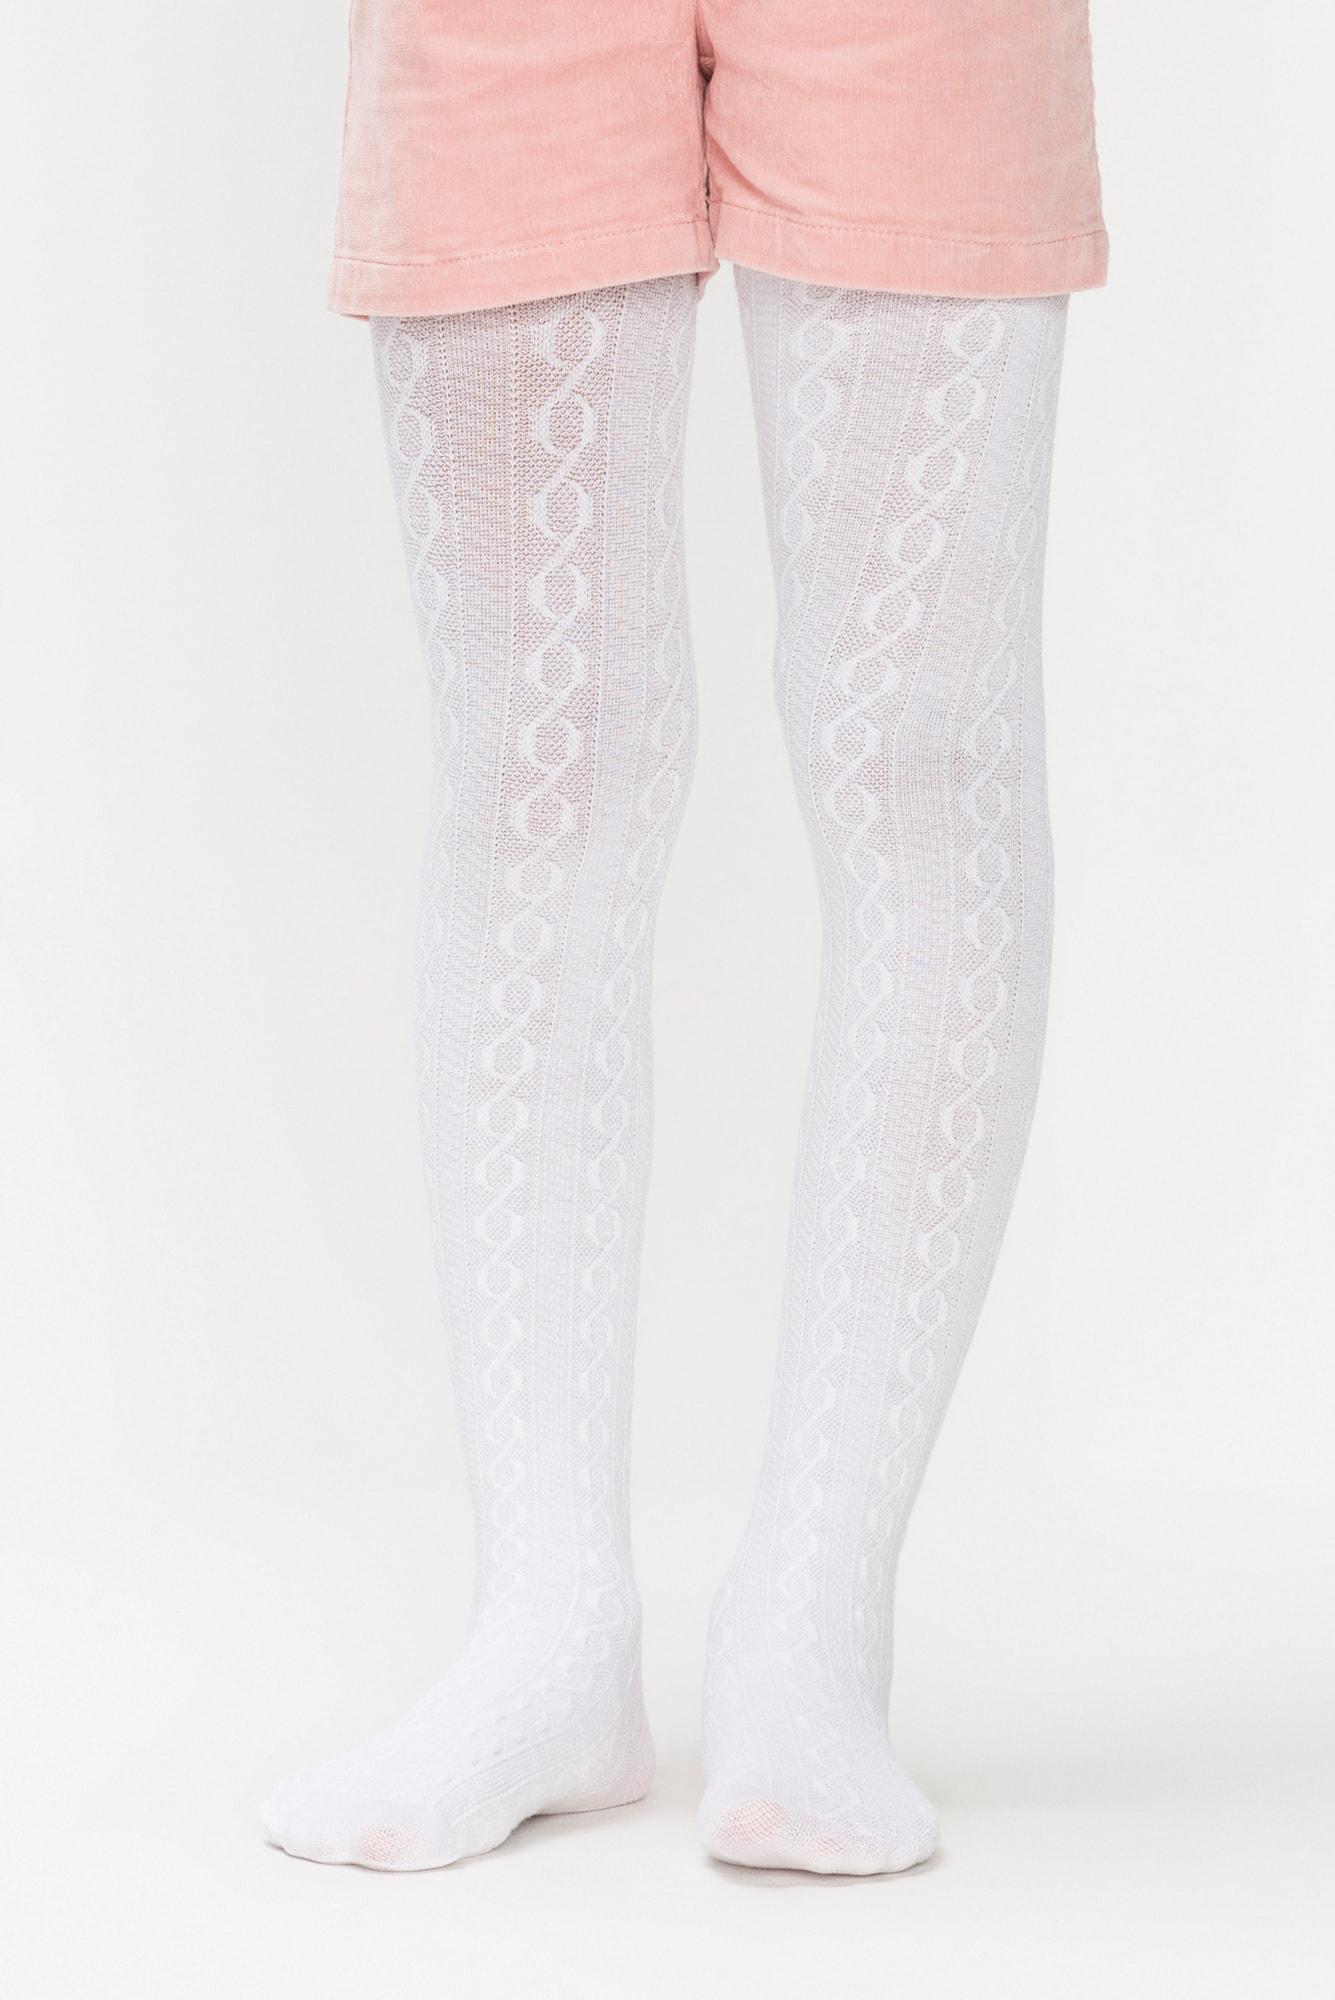 پنتی | Penti - جوراب شلواری دخترانه طرح Karina رنگ سفید